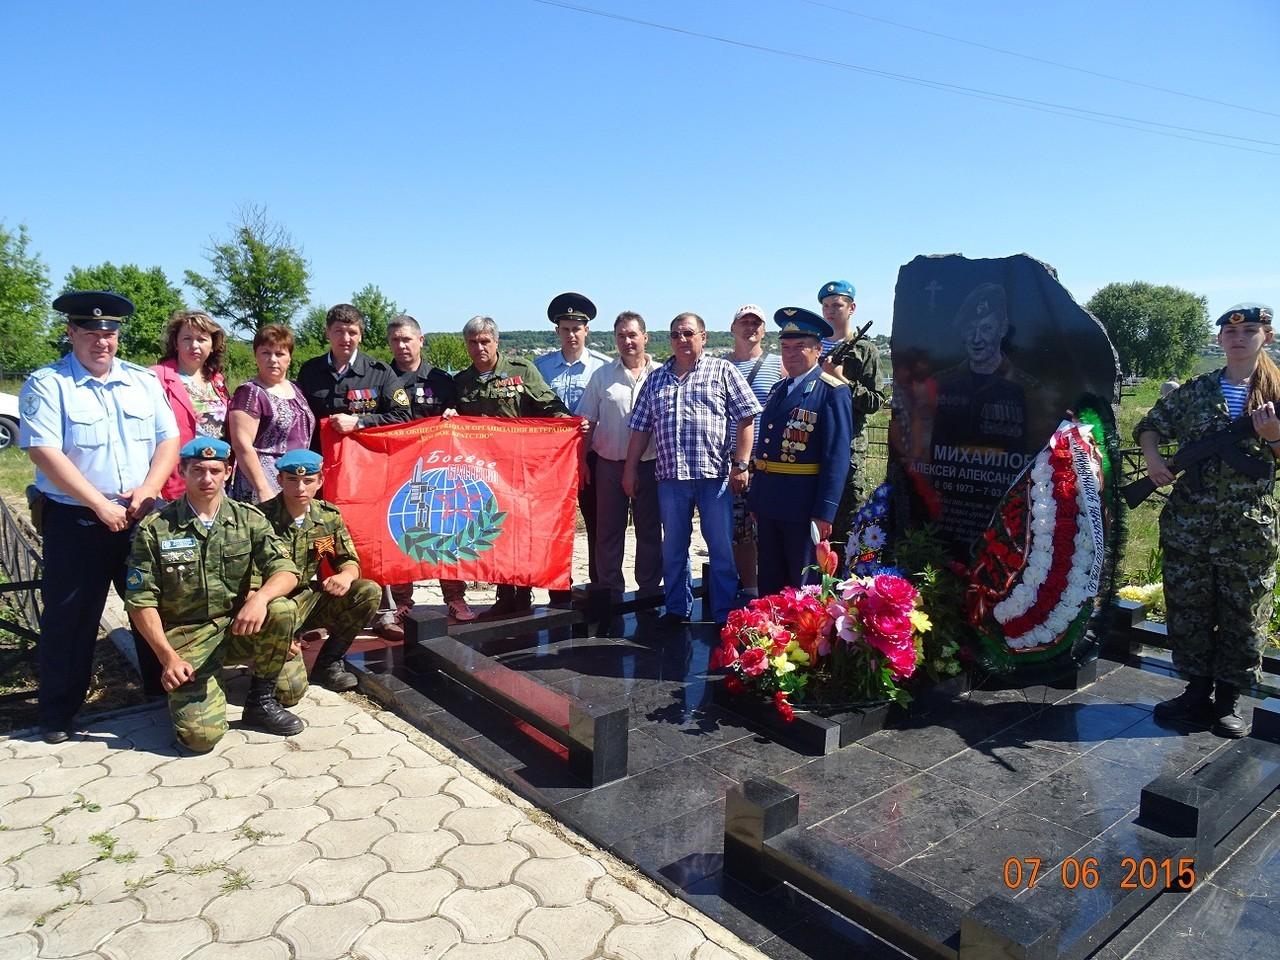 В Ивнянском районе прошел фестиваль военно-патриотической песни «Войны не знали мы, но все же…» памяти Алексея Михайлова.